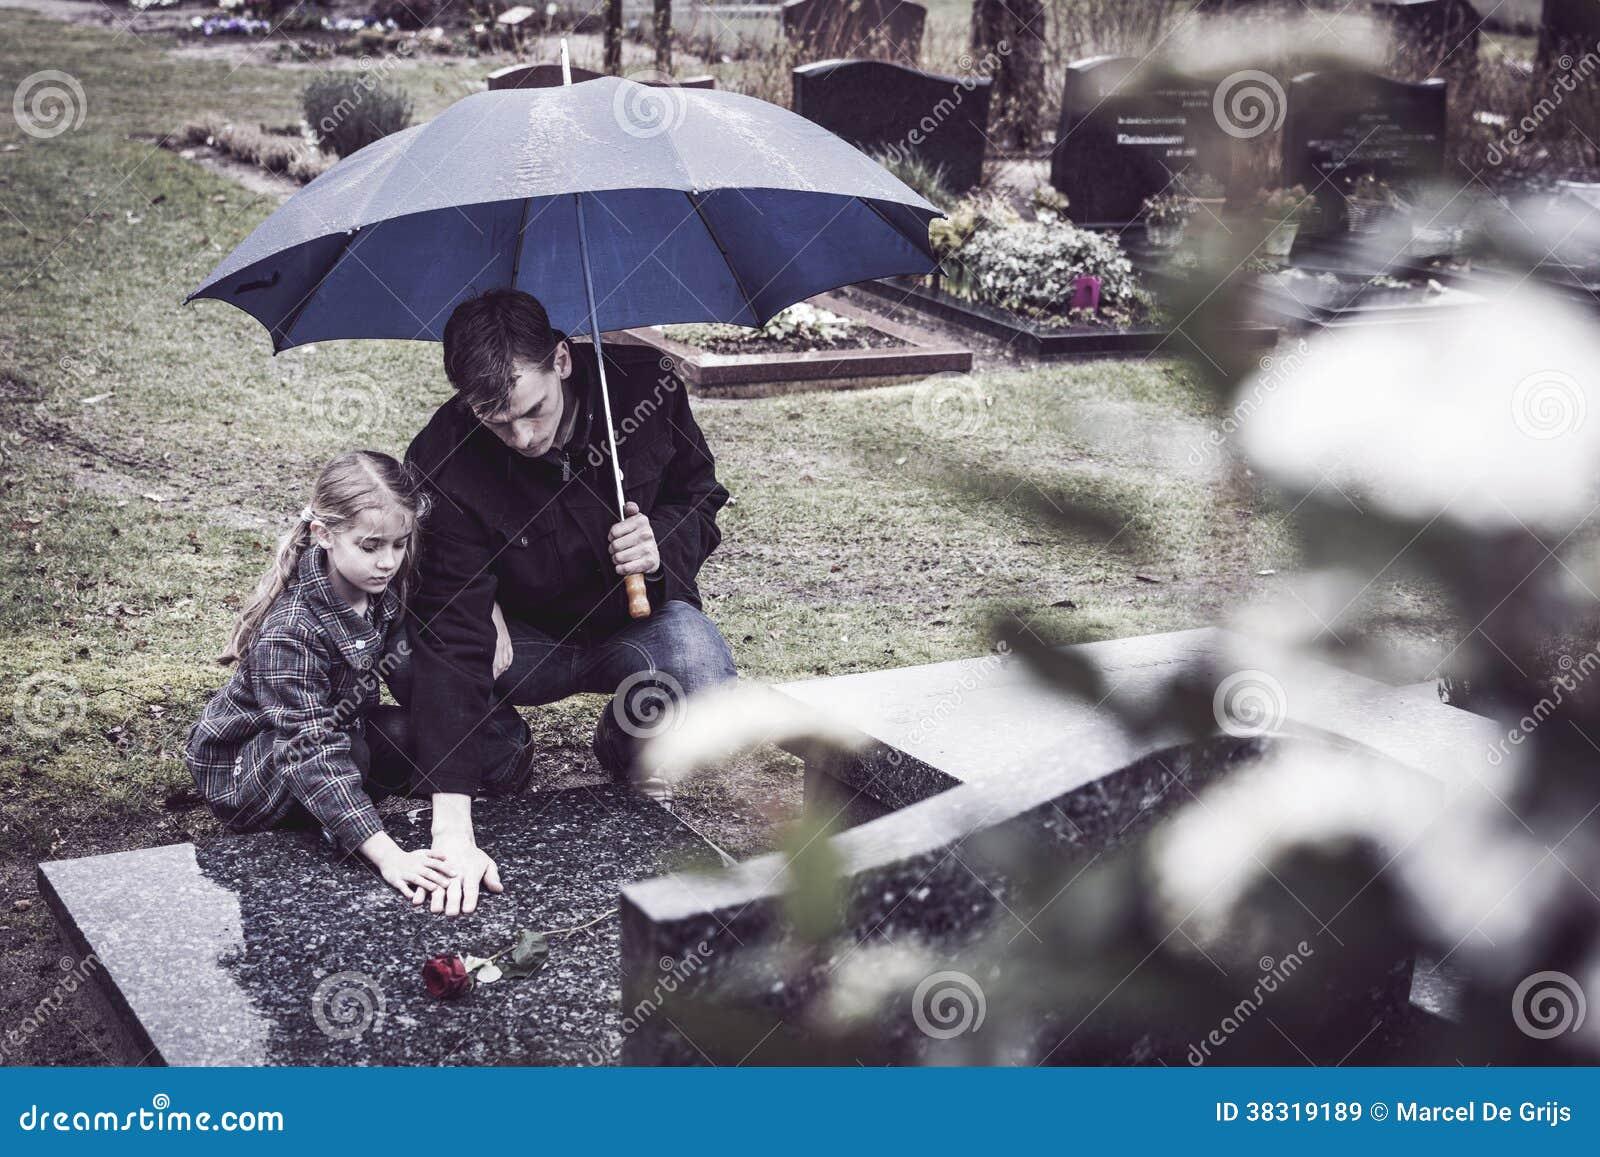 ... kneeling at deceased mothers grave at graveyard. Mourning her death